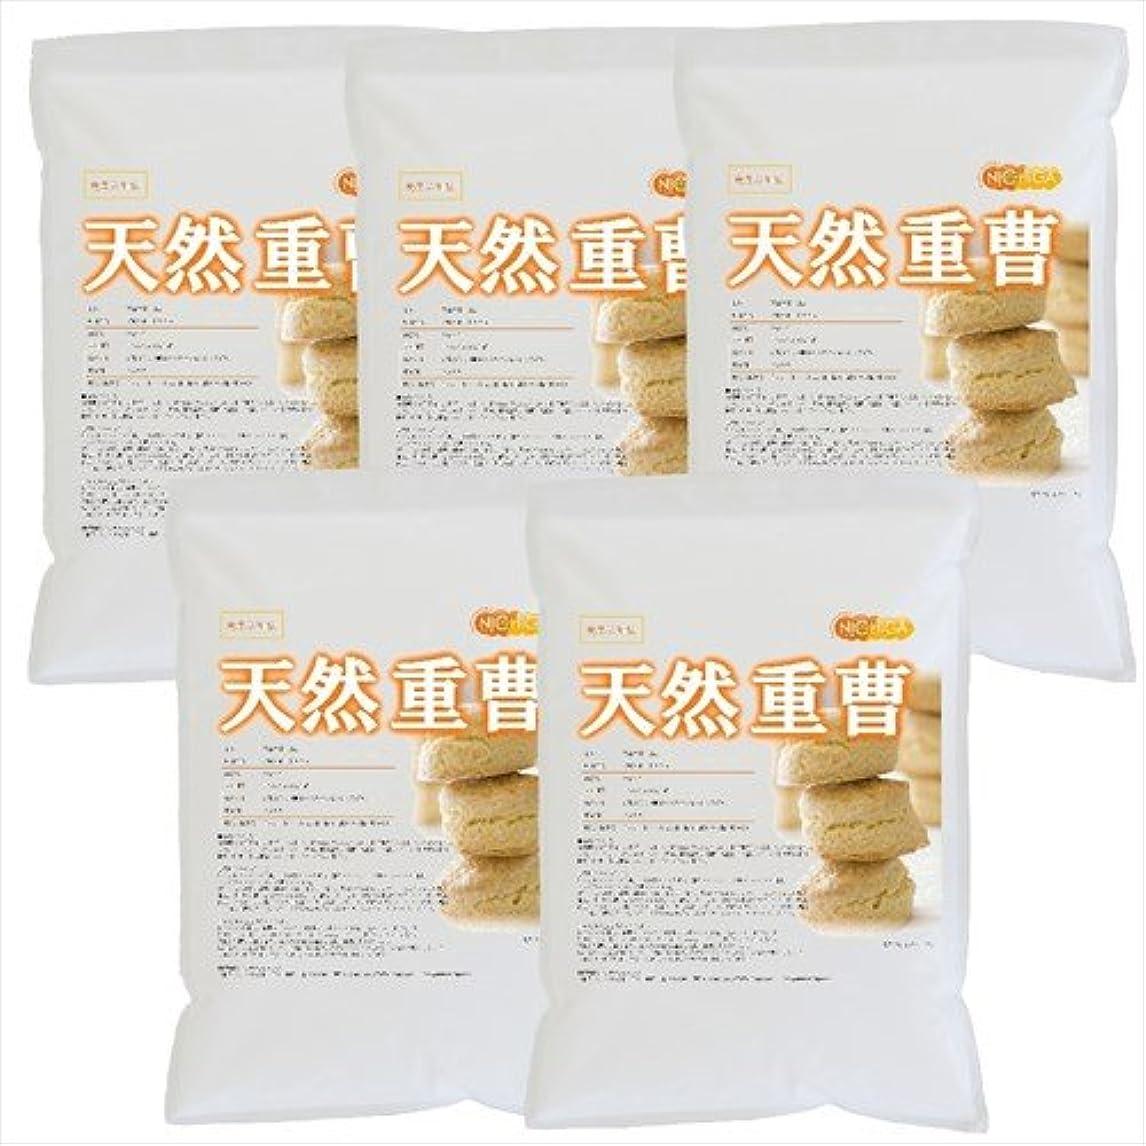 フォーマットせっかちうねる天然 重曹 5kg×5袋 [02] 【同梱不可】 炭酸水素ナトリウム NICHIGA(ニチガ)